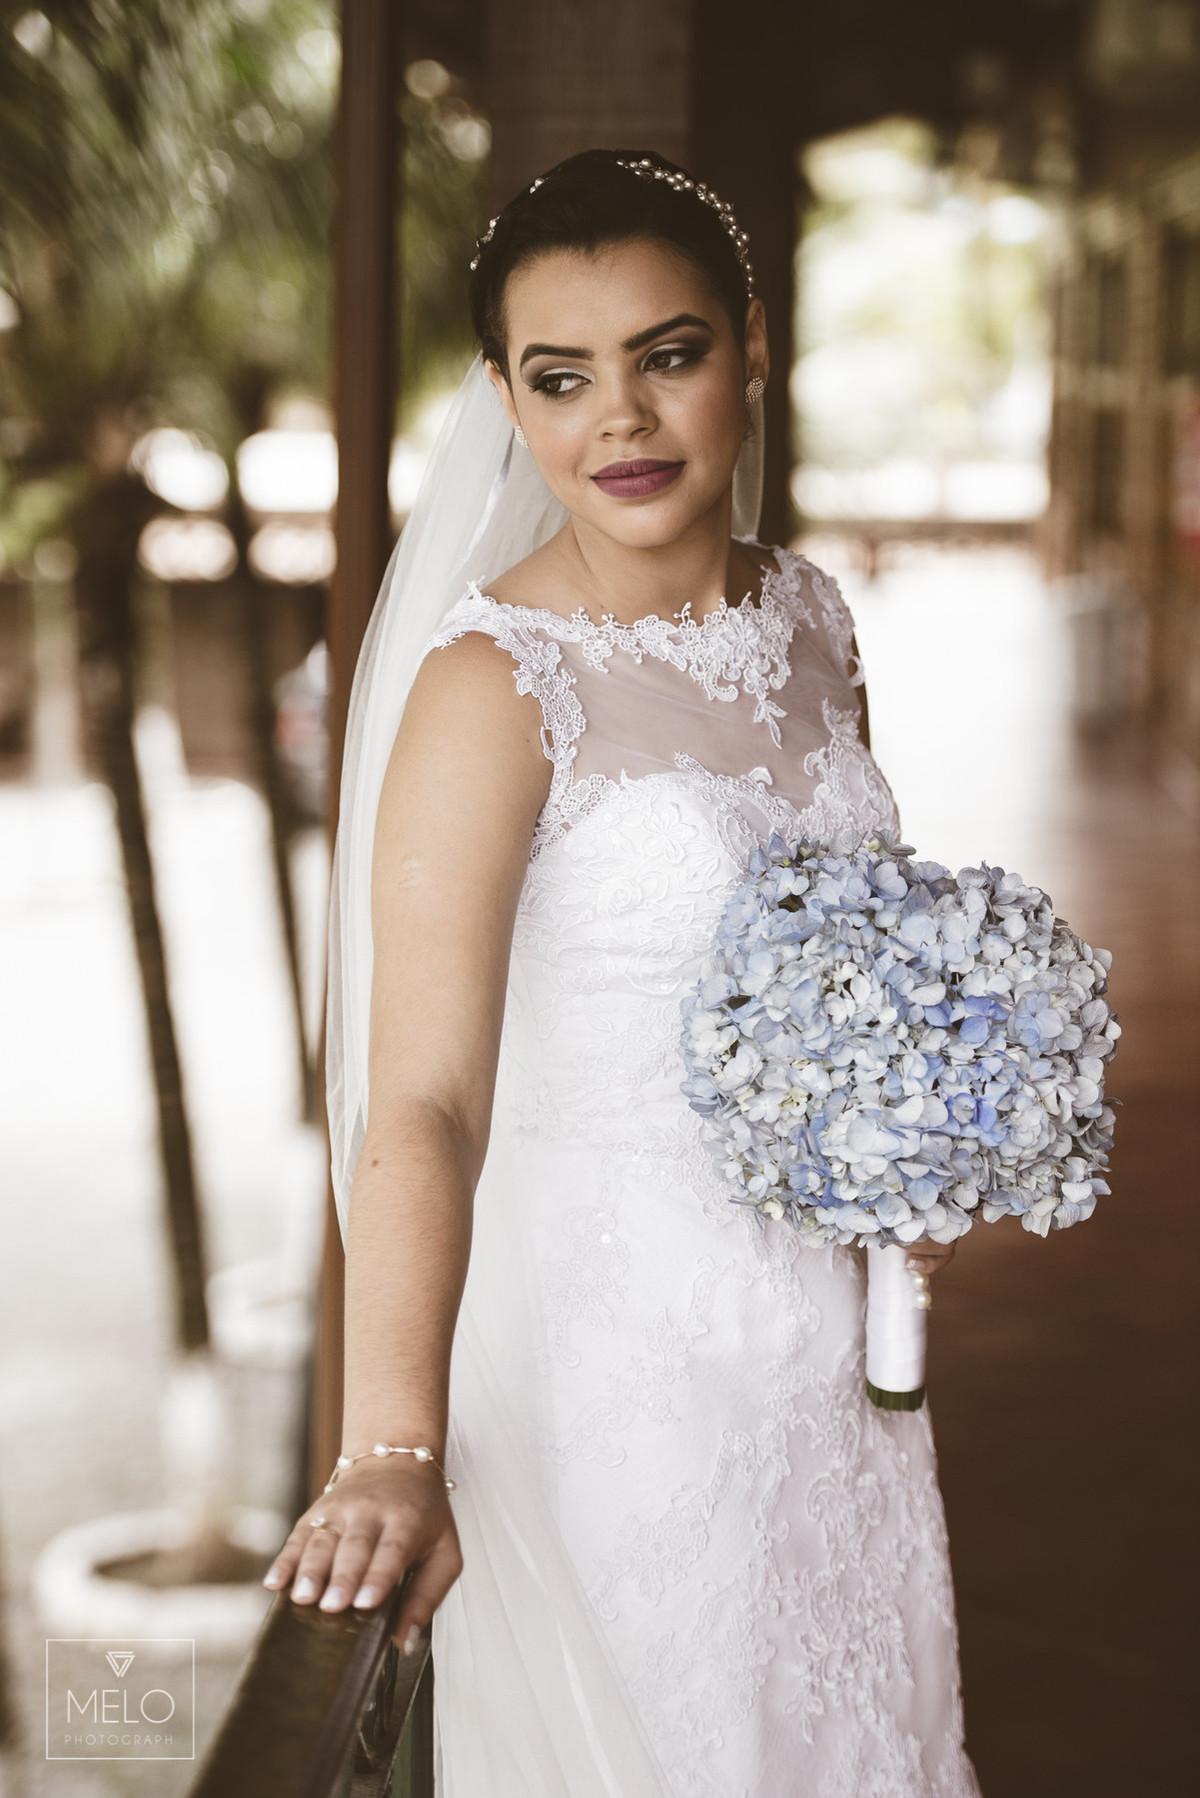 Casamento Fazenda Ar Livre Rio de Janeiro Barra Mansa São Paulo Wedding Noiva Noivo Casamento ao Ar Livre Casamento Fazenda